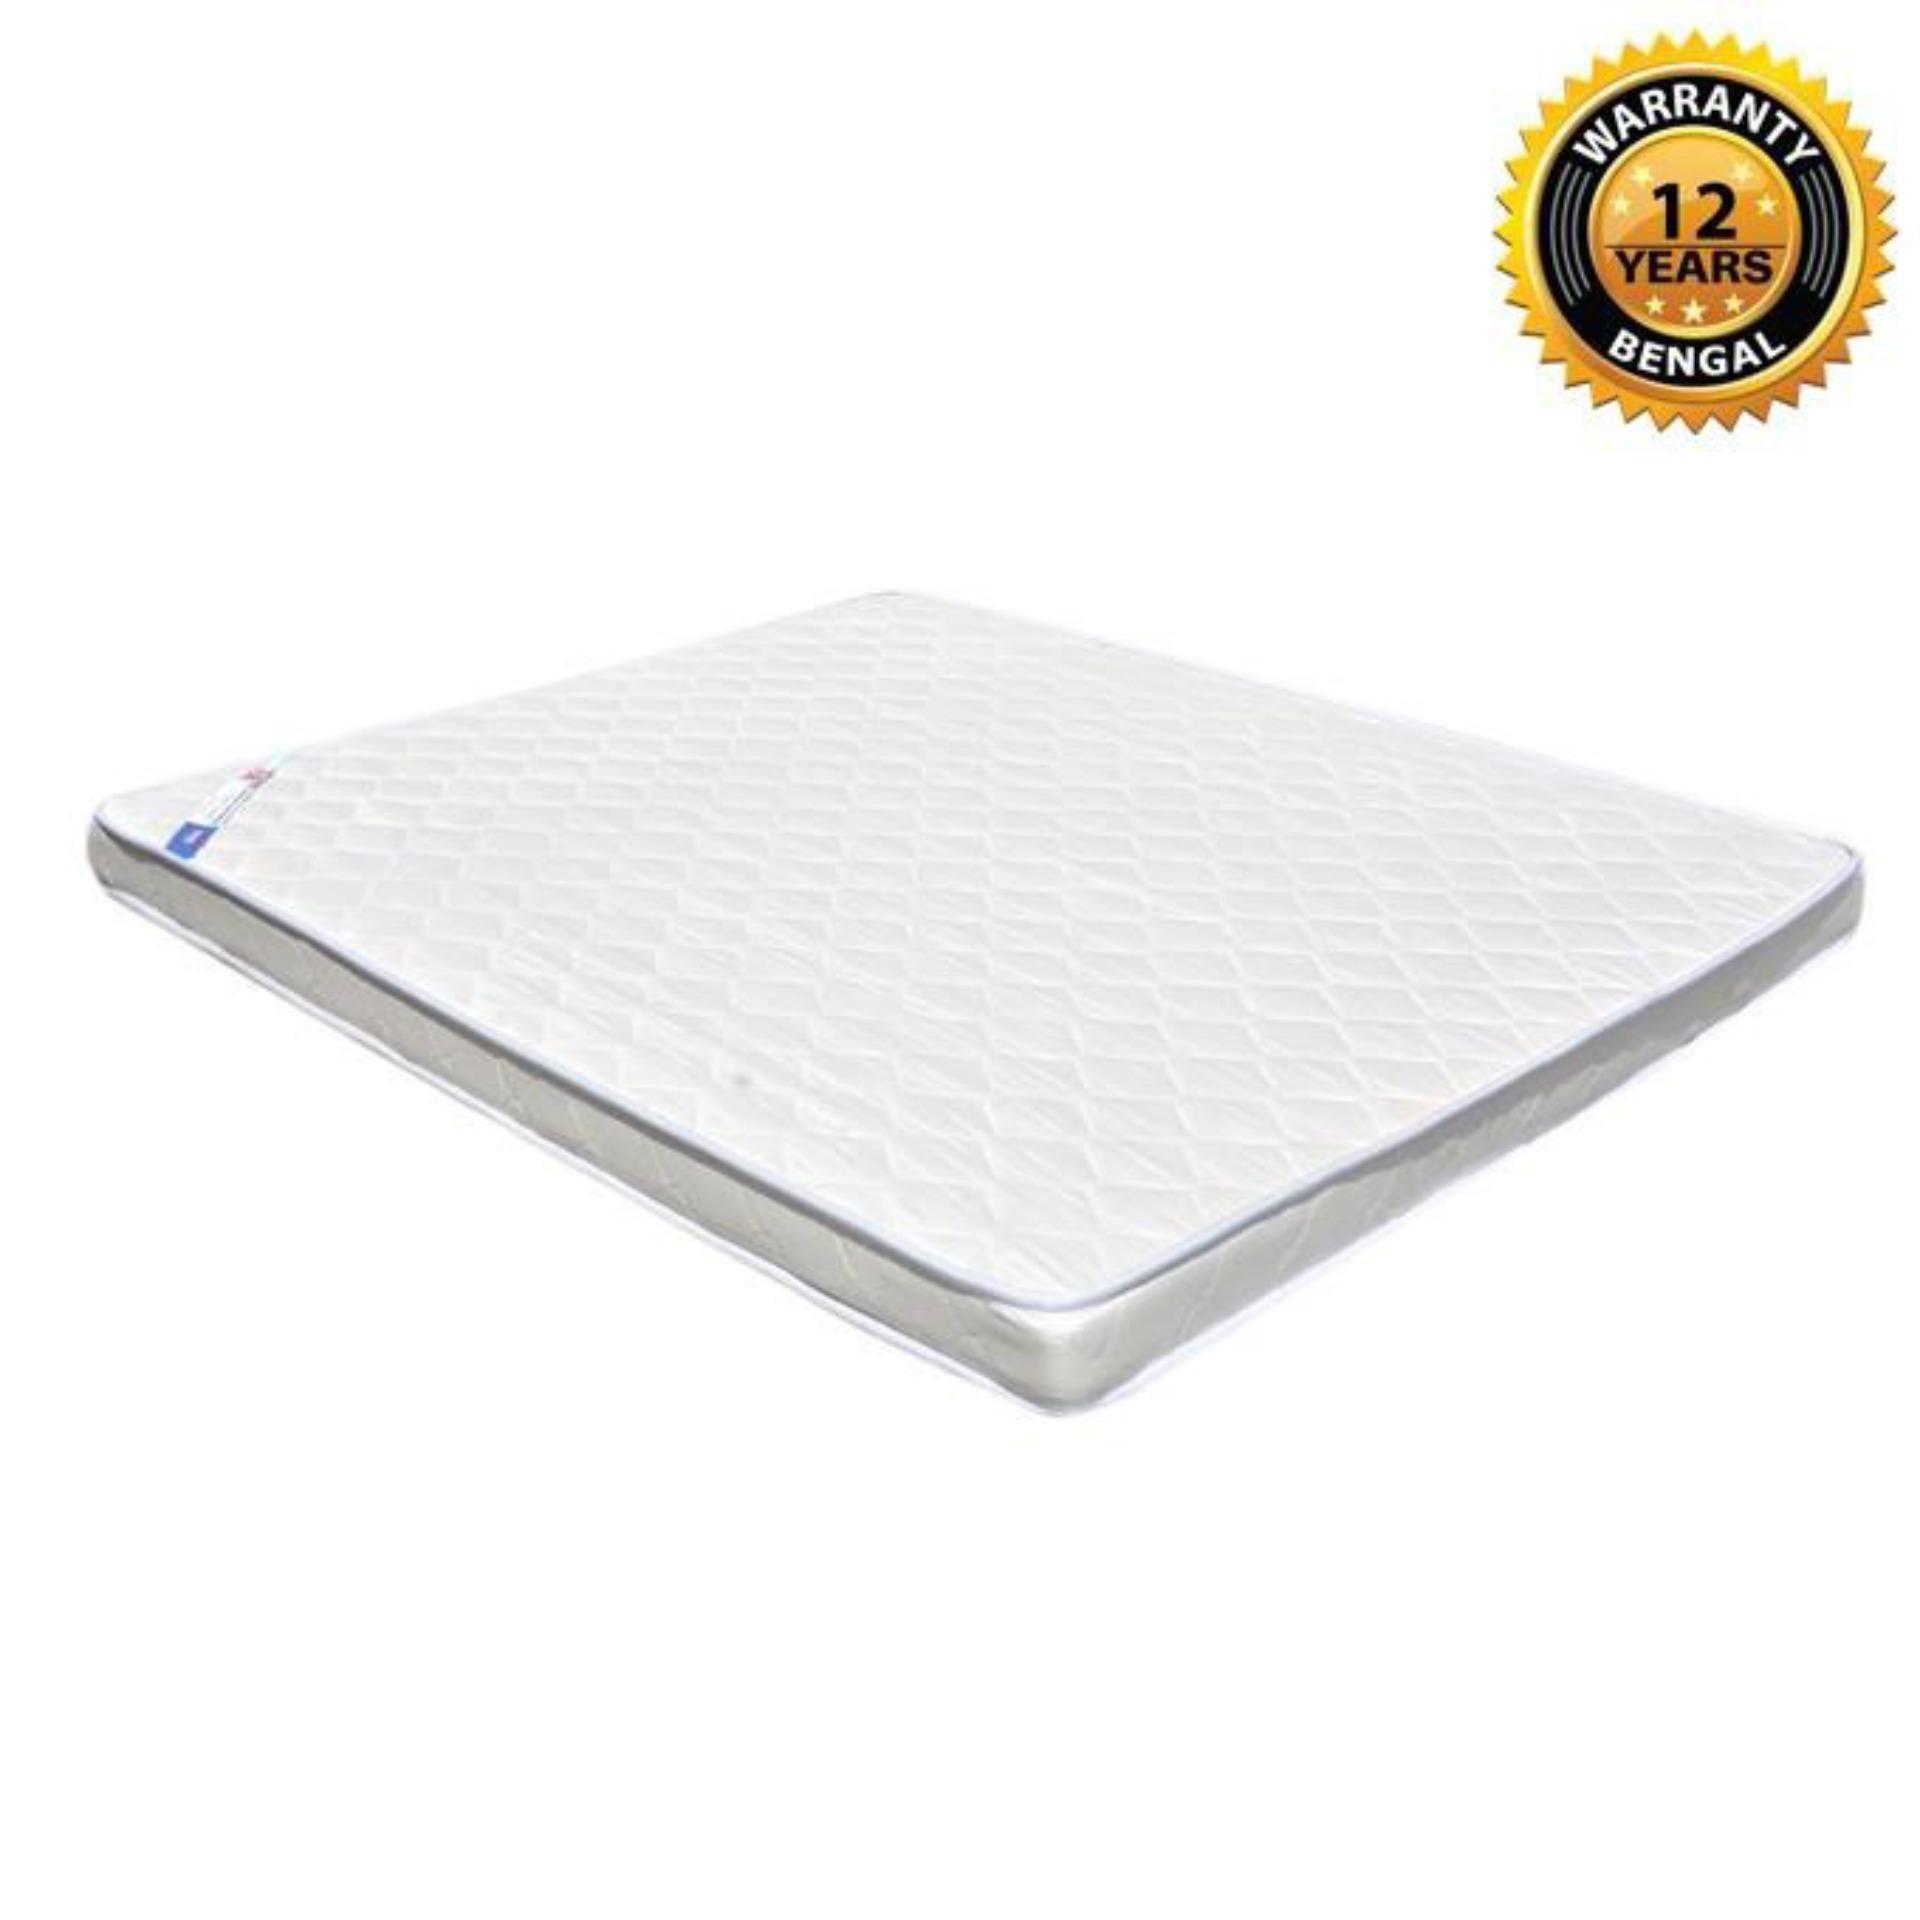 """Bengal Spring Mattress (84""""x66""""x12"""") - White"""